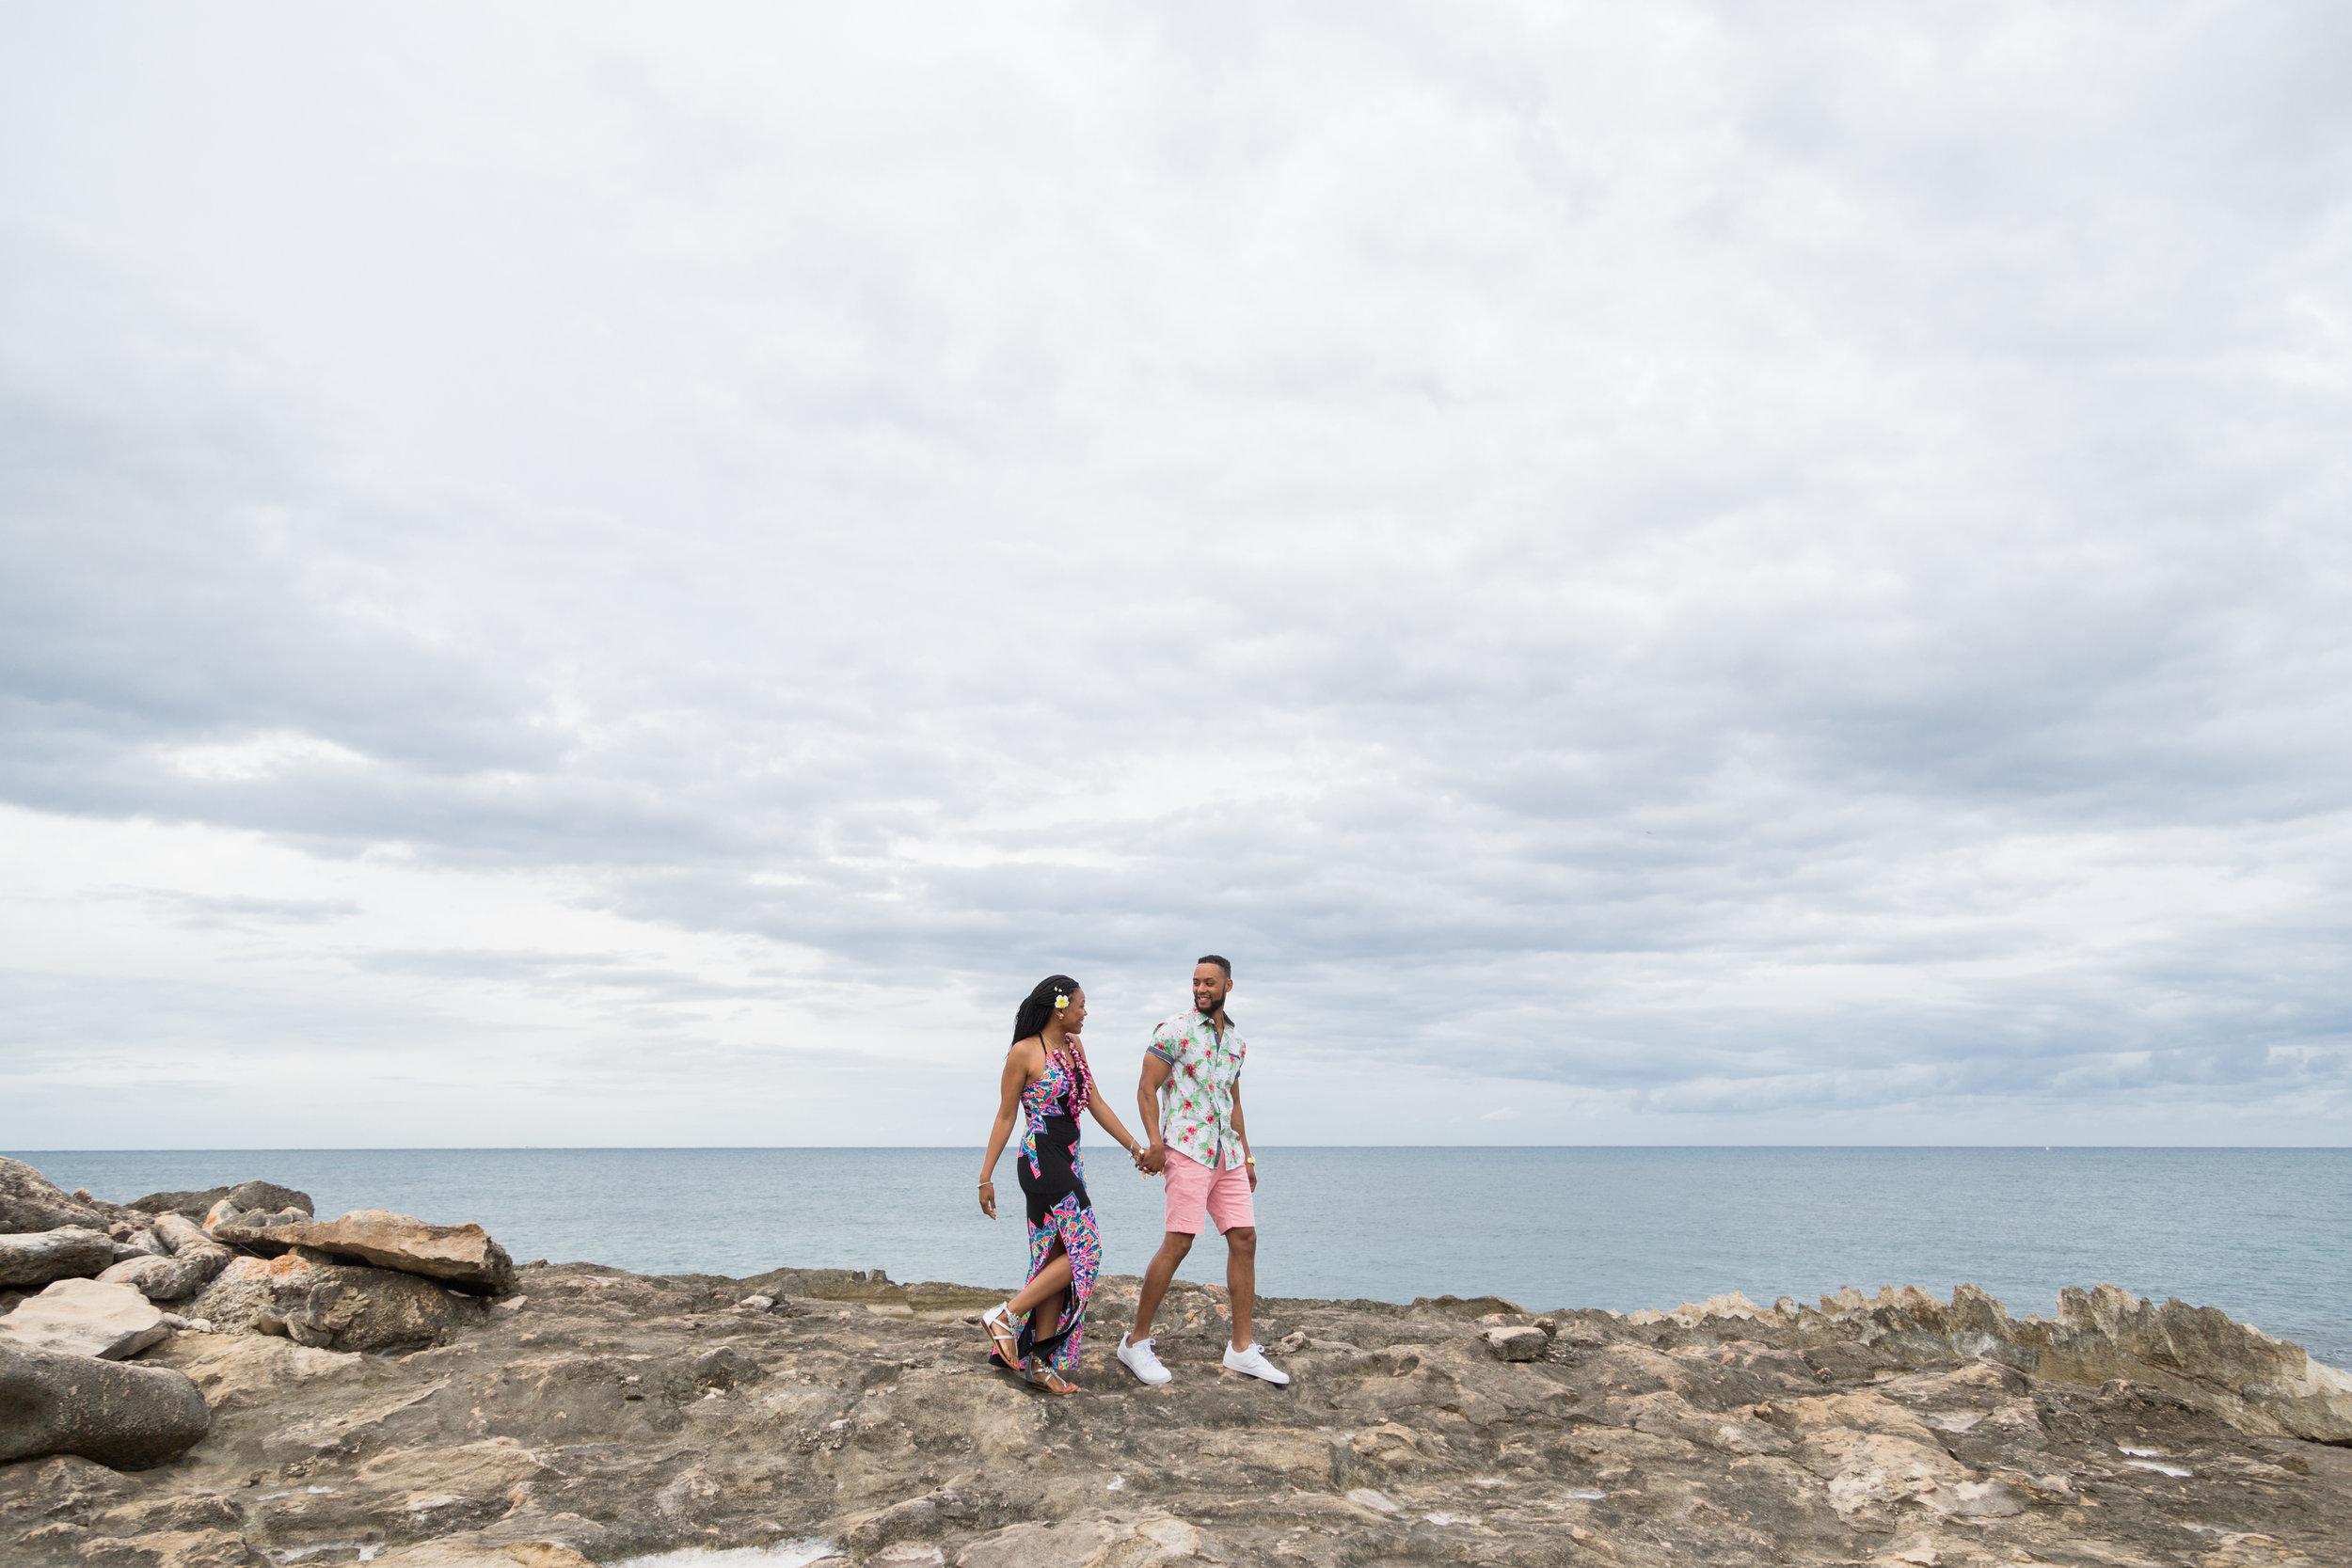 Four_Seasons_Oahu_KoOlina_Proposal_Photographer_8.jpg